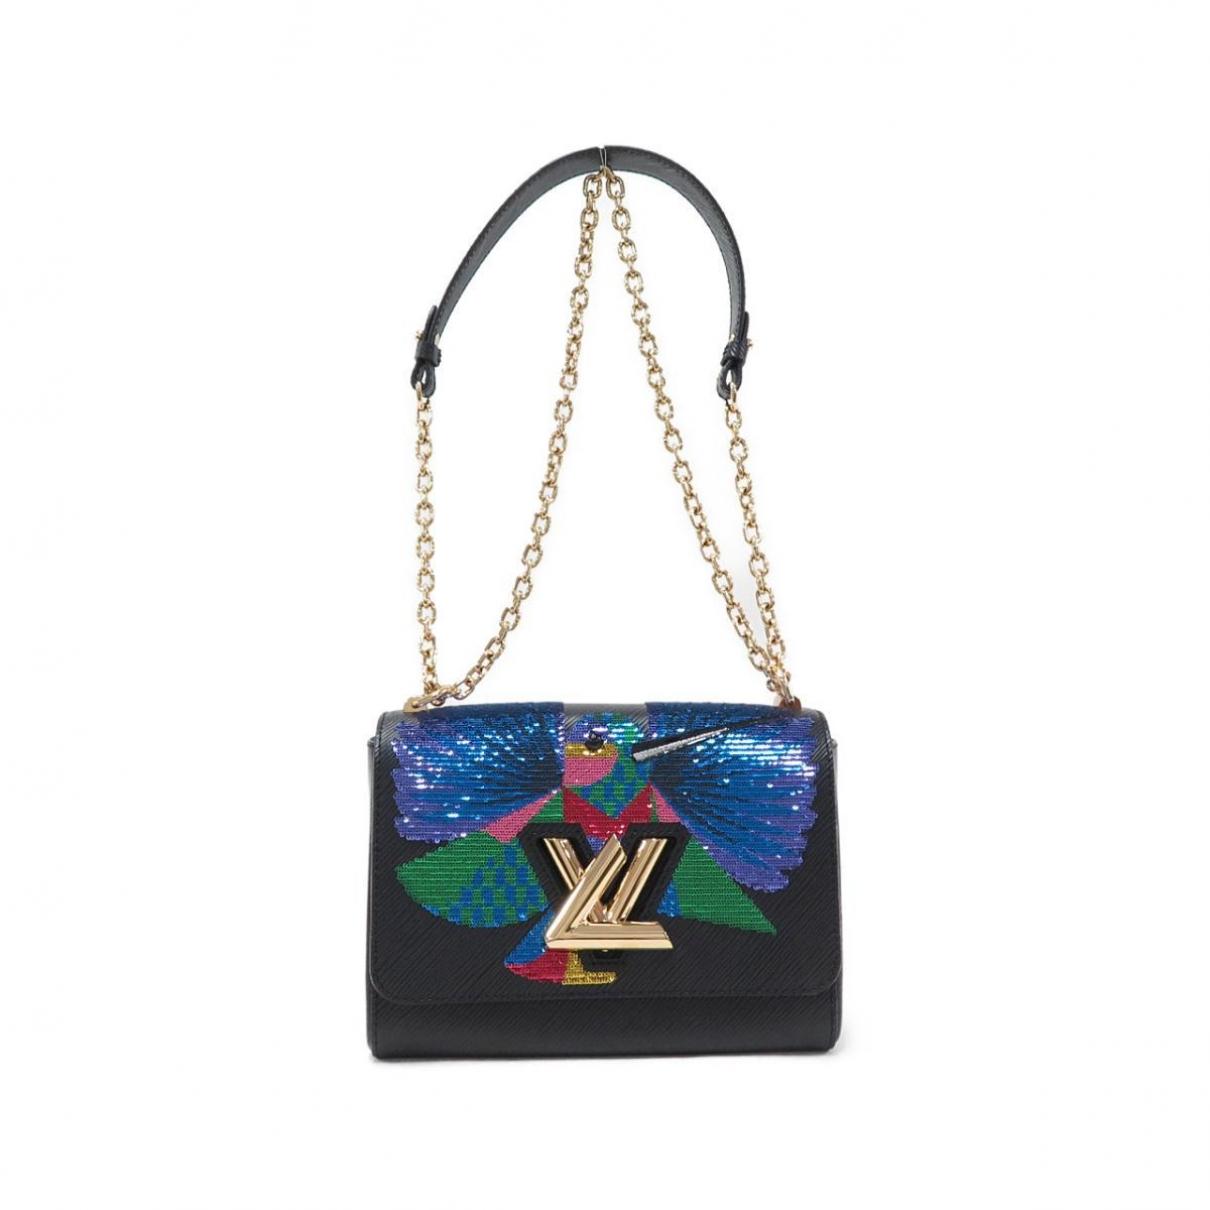 Louis Vuitton Twist Handtasche in  Schwarz Leder